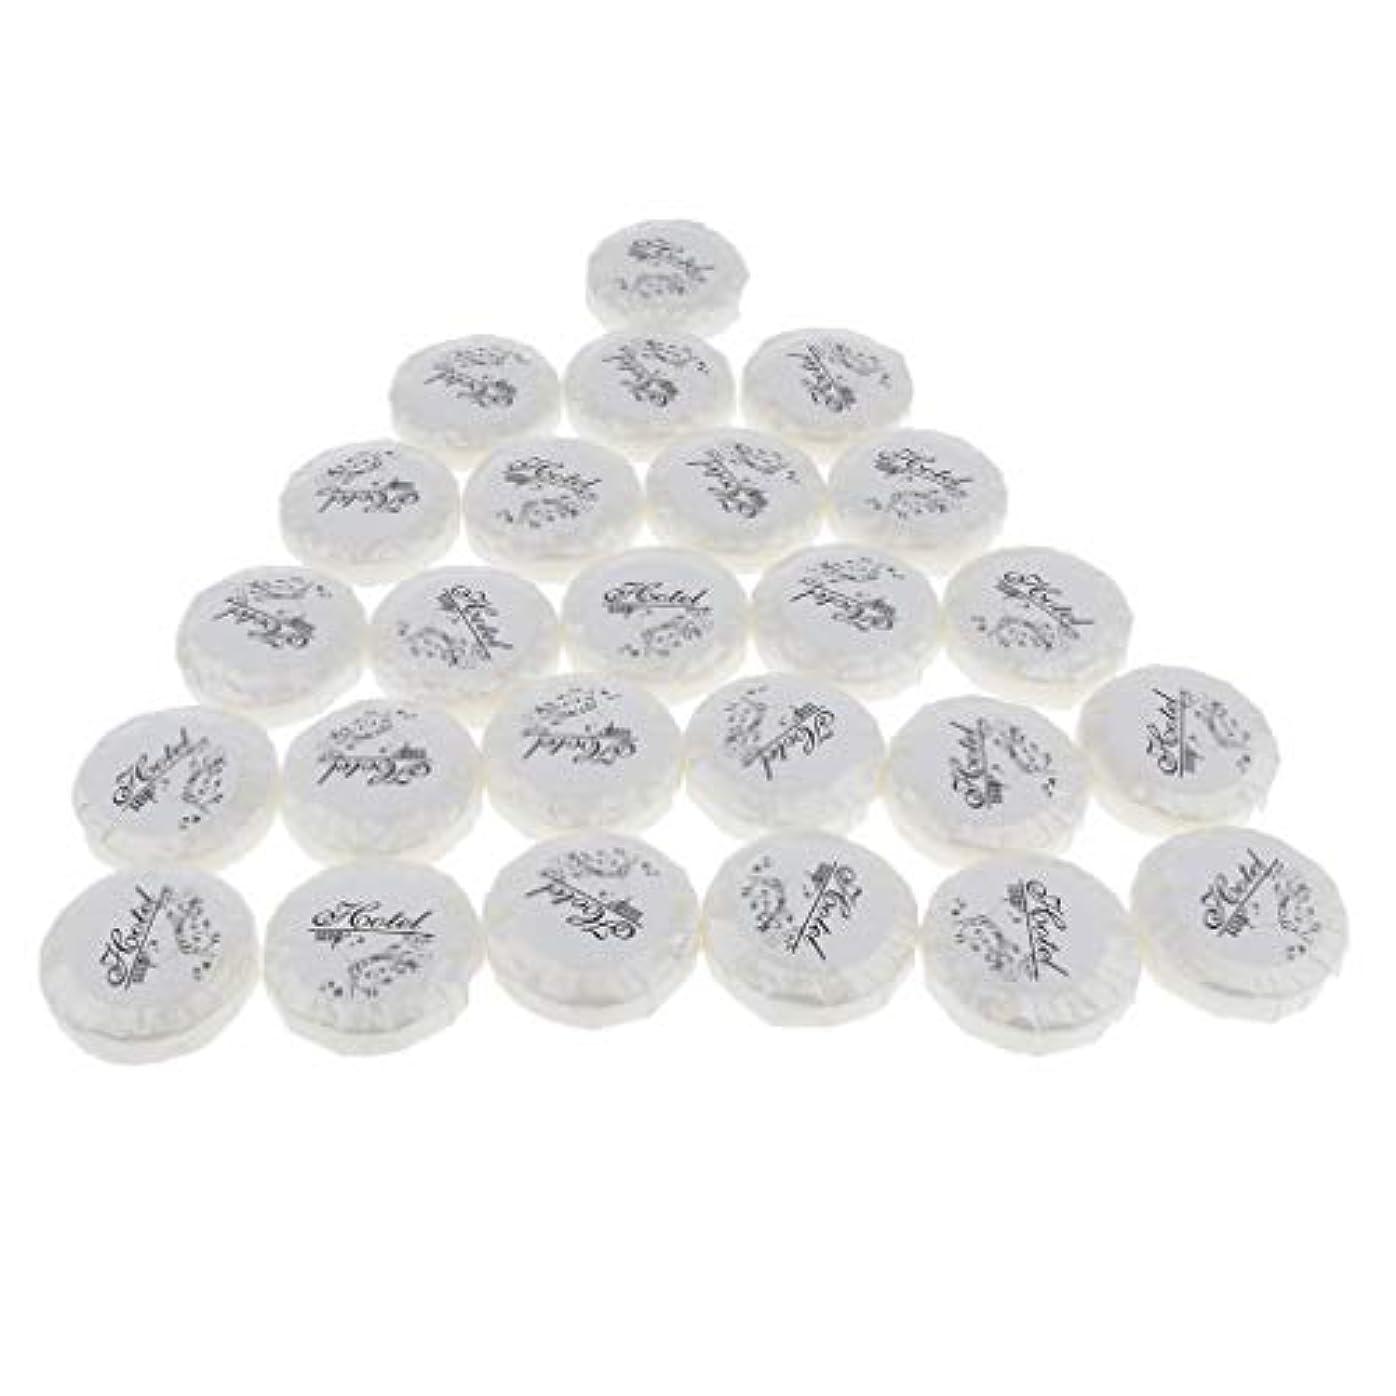 ベスビオ山取り出す木製石鹸 無添加 洗顔石鹸 植物油 軽い香り 清潔 リフレッシュ ミニサイズ 携帯 旅行用 約150個 - 13g